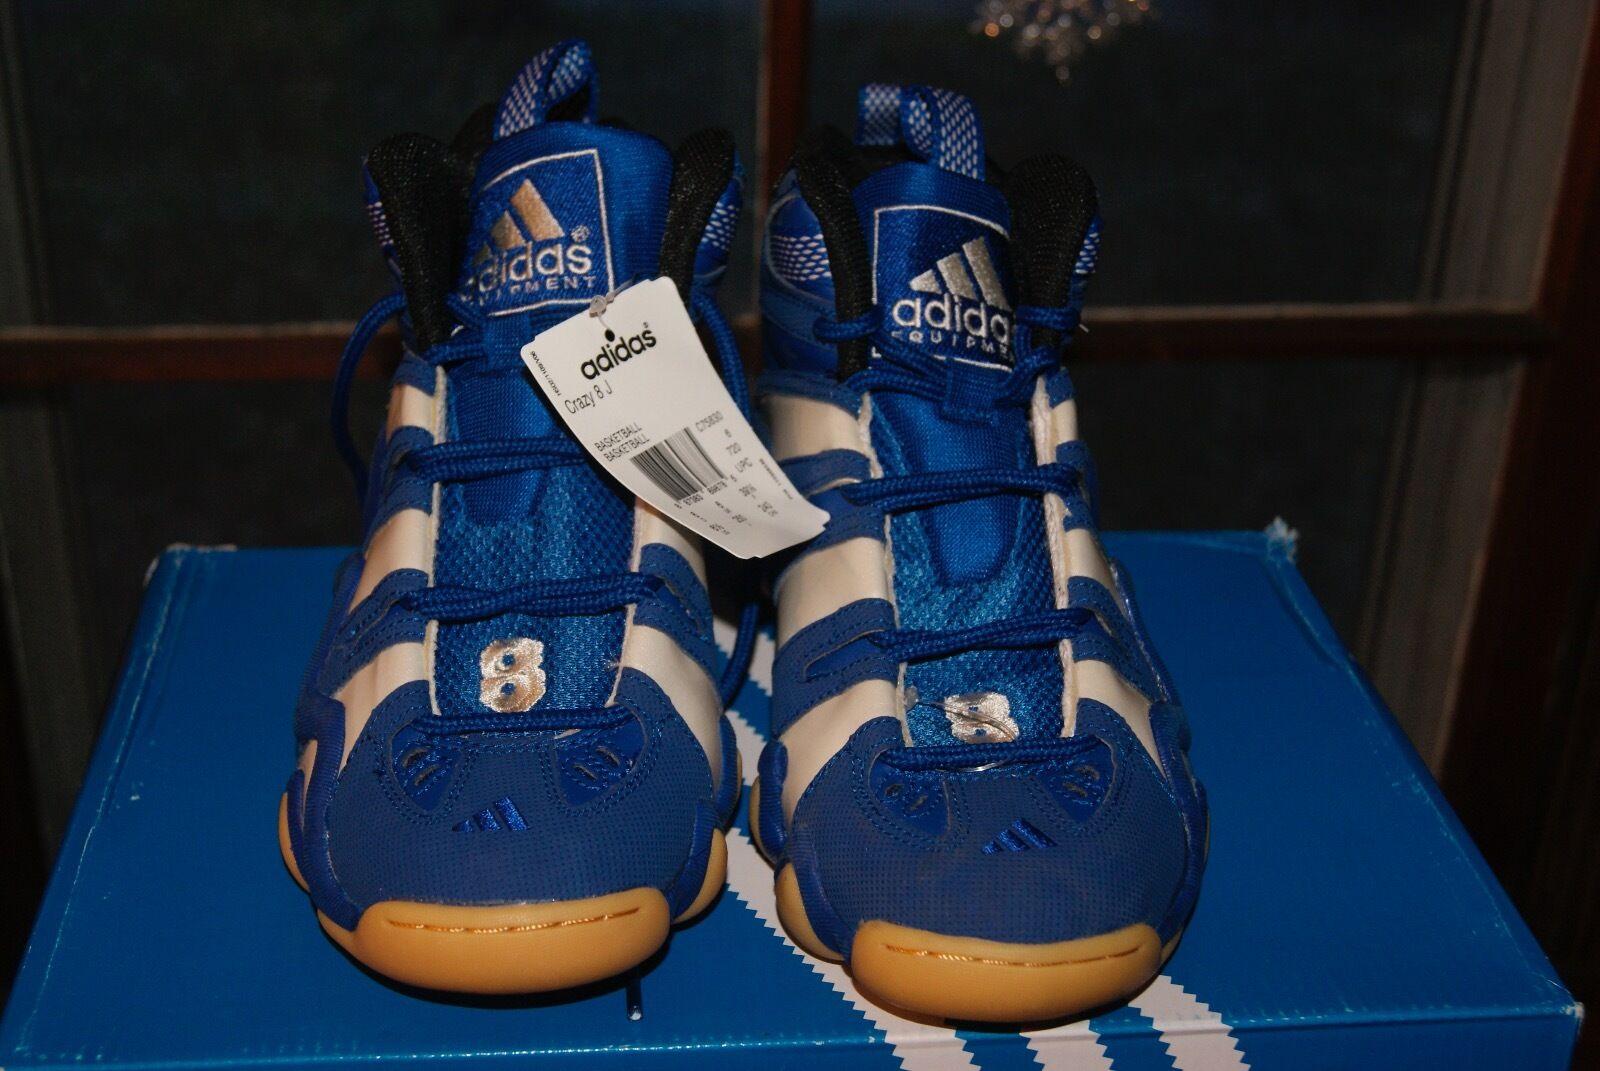 bei adidas verrückt 5,5 6 6,5 weiß 7 11 blau - weiß 6,5 - grau - lila - gelb 379116